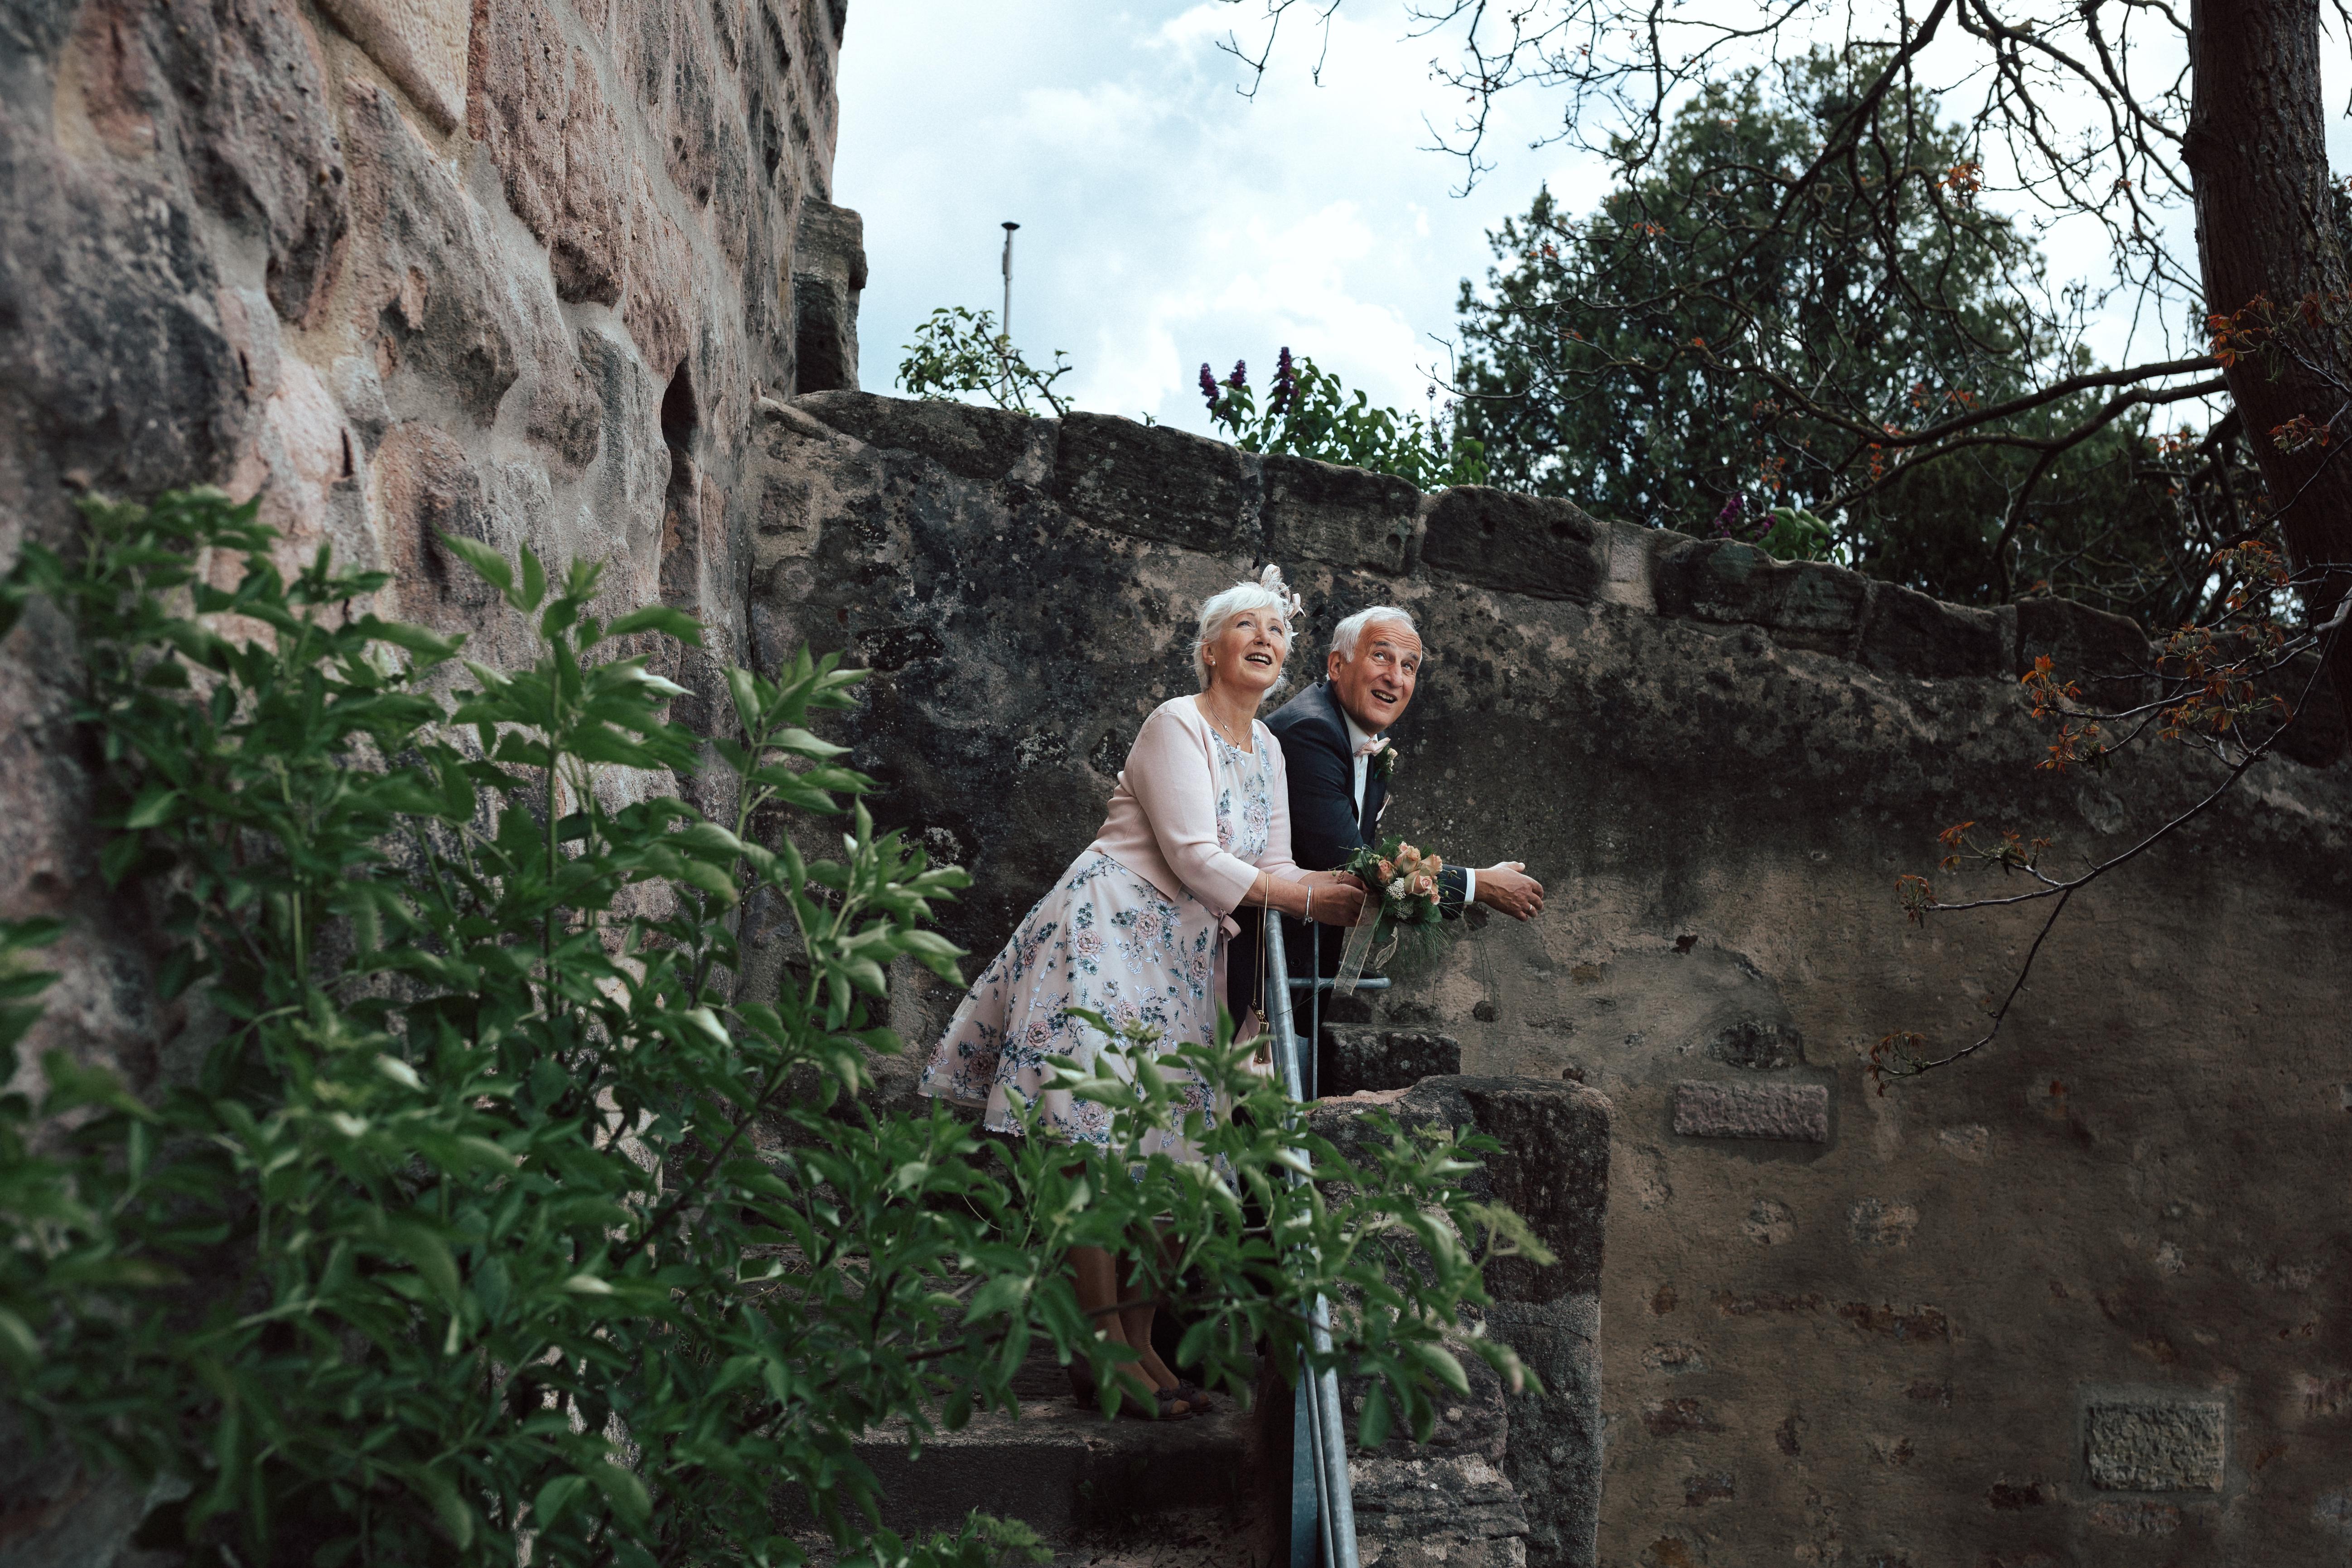 URBANERIE_Hochzeitsfotografin_Nürnberg_Fürth_Erlangen_Schwabach_170513_180018